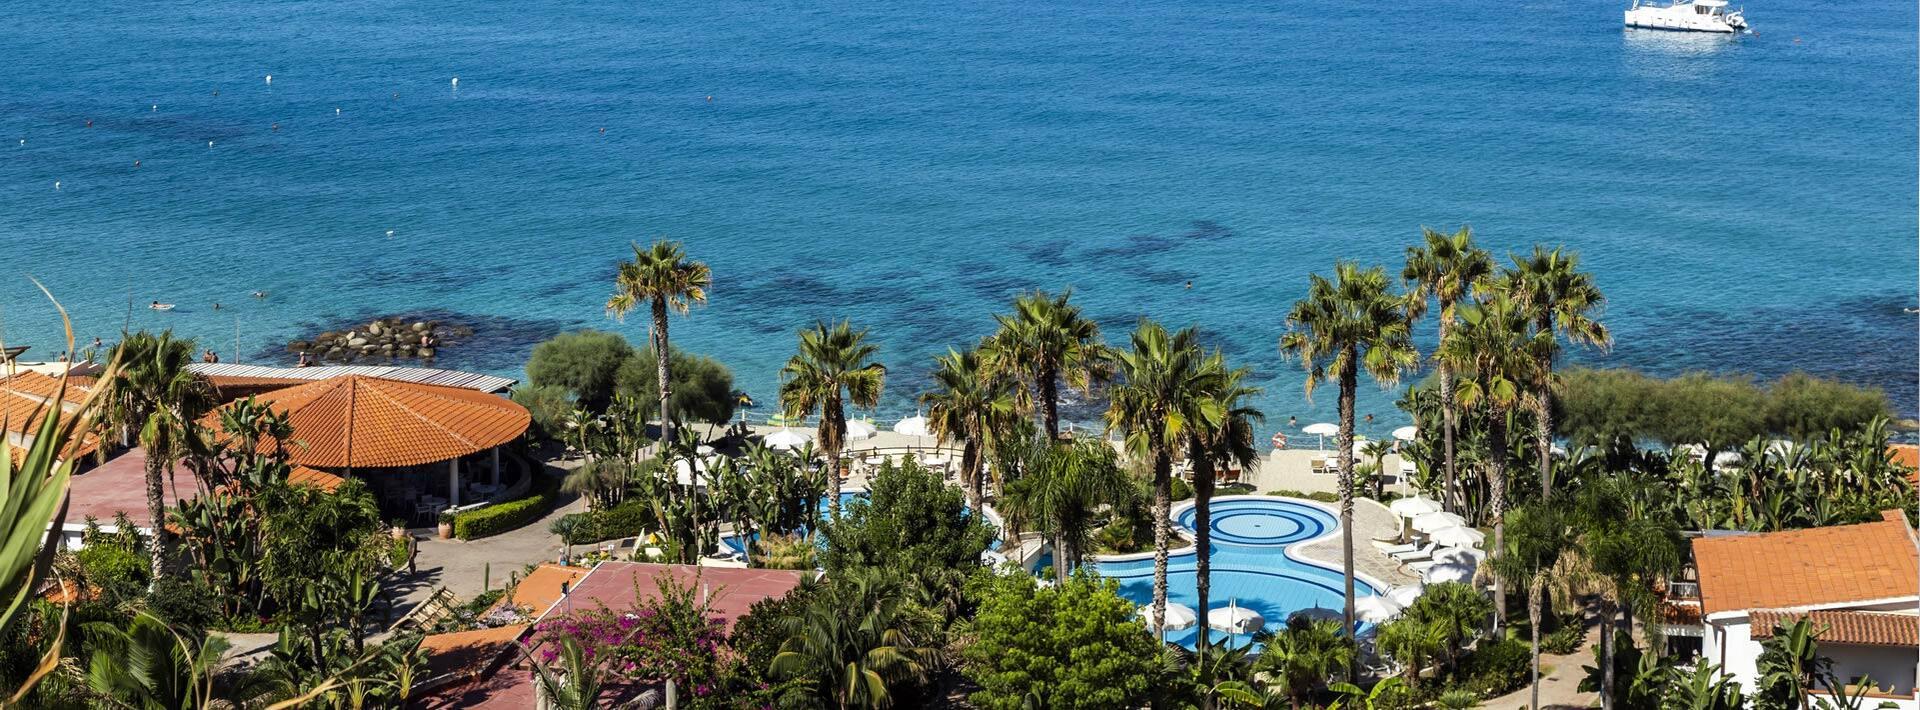 villaggioilgabbiano en holiday-village-4-stars-calabria-near-tropea-with-pool-and-private-beach 011